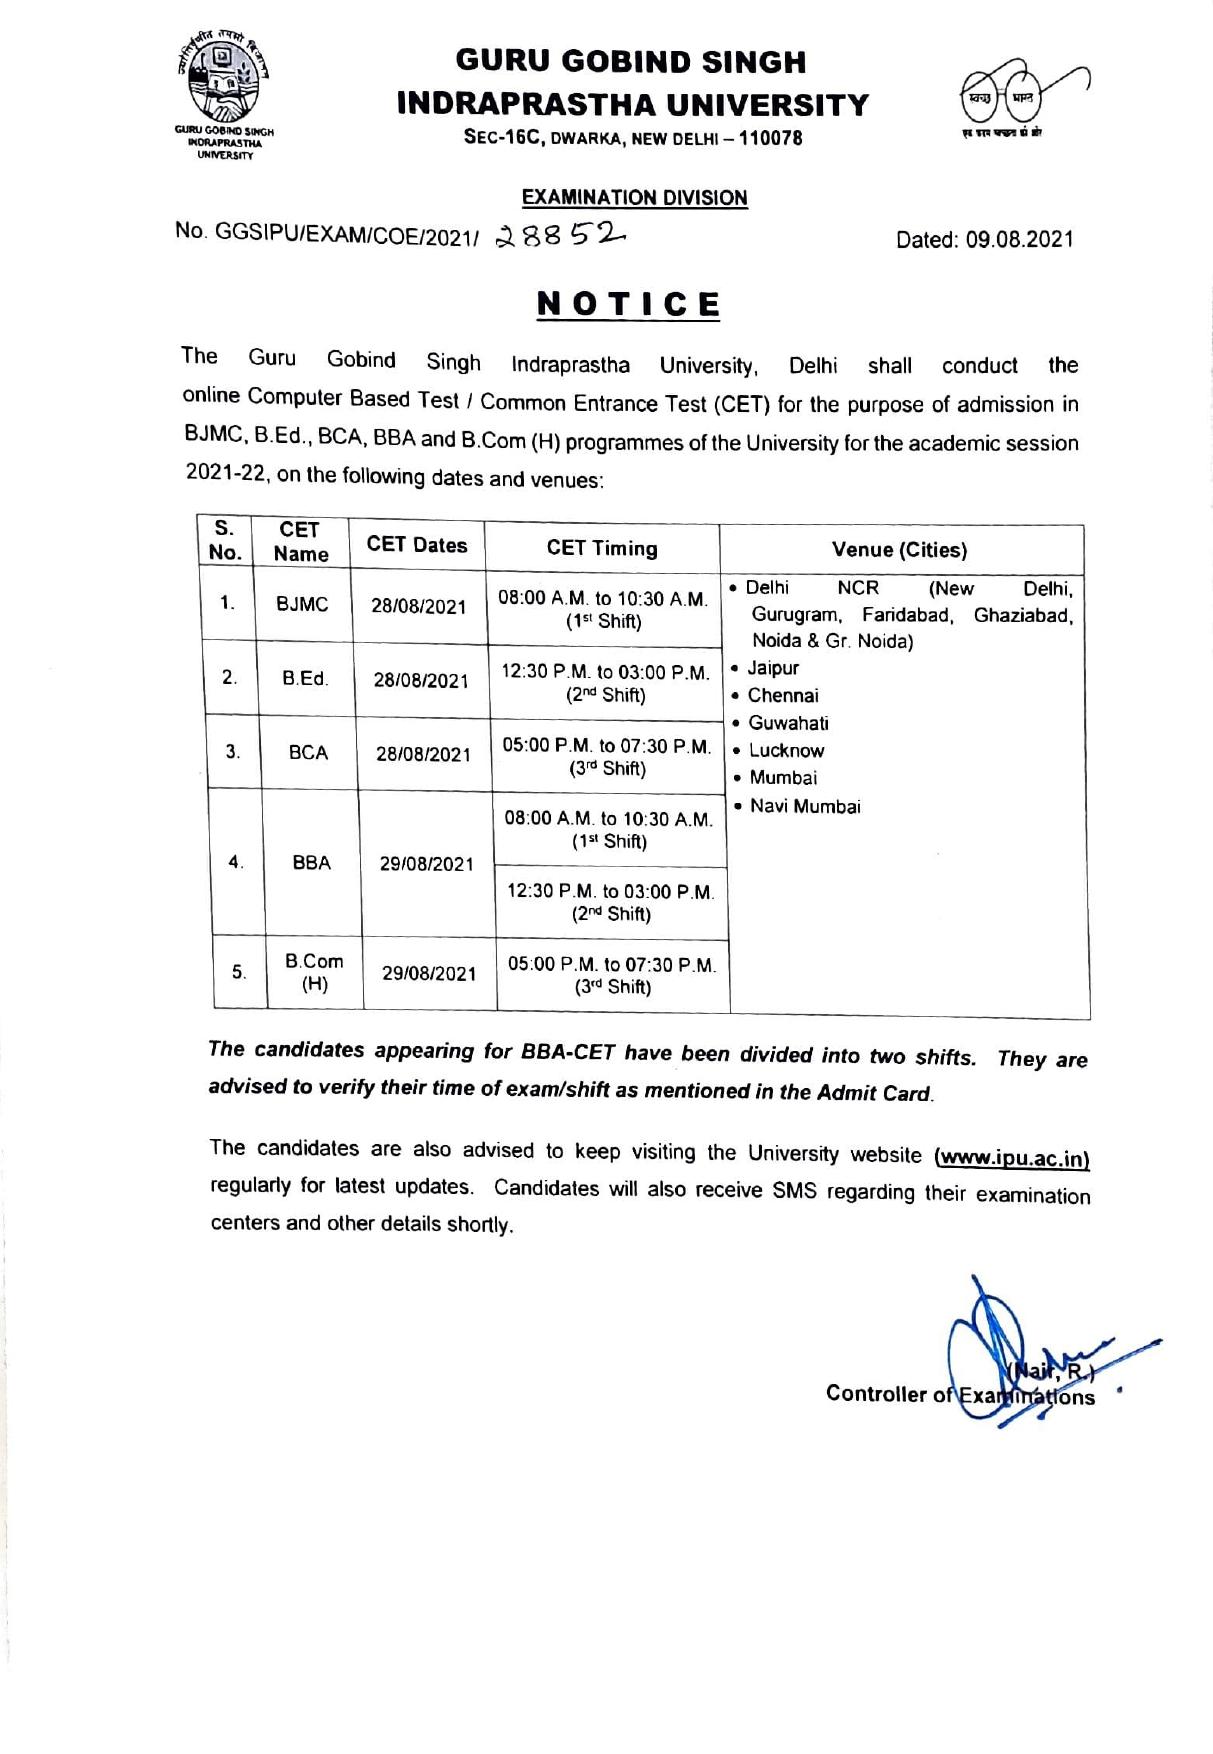 IPU CET 2021 exam dates